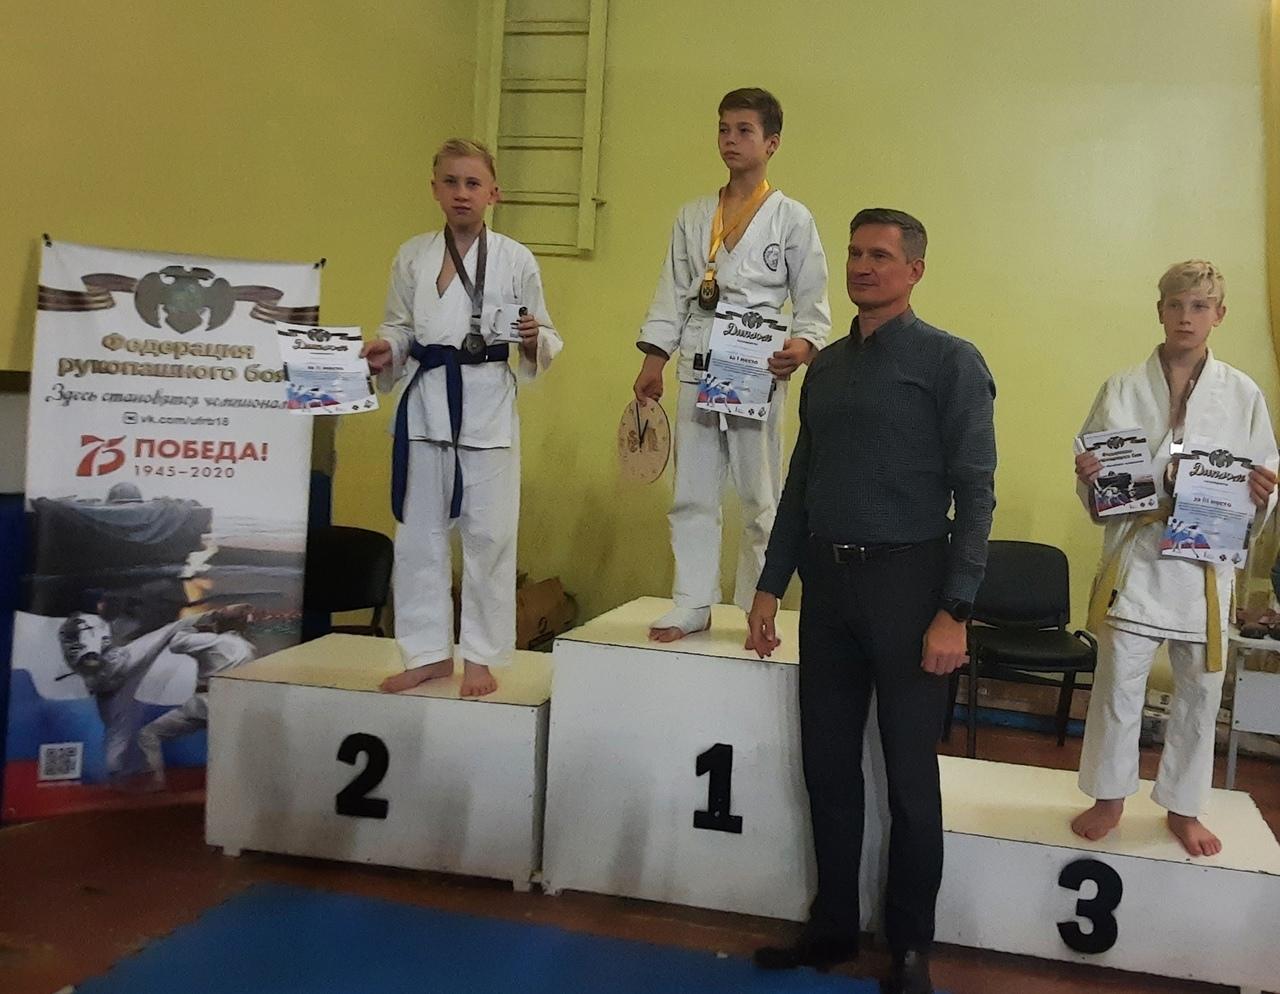 Можгинцы завоевали медали в Республиканском турнире по рукопашному бою и самообороне